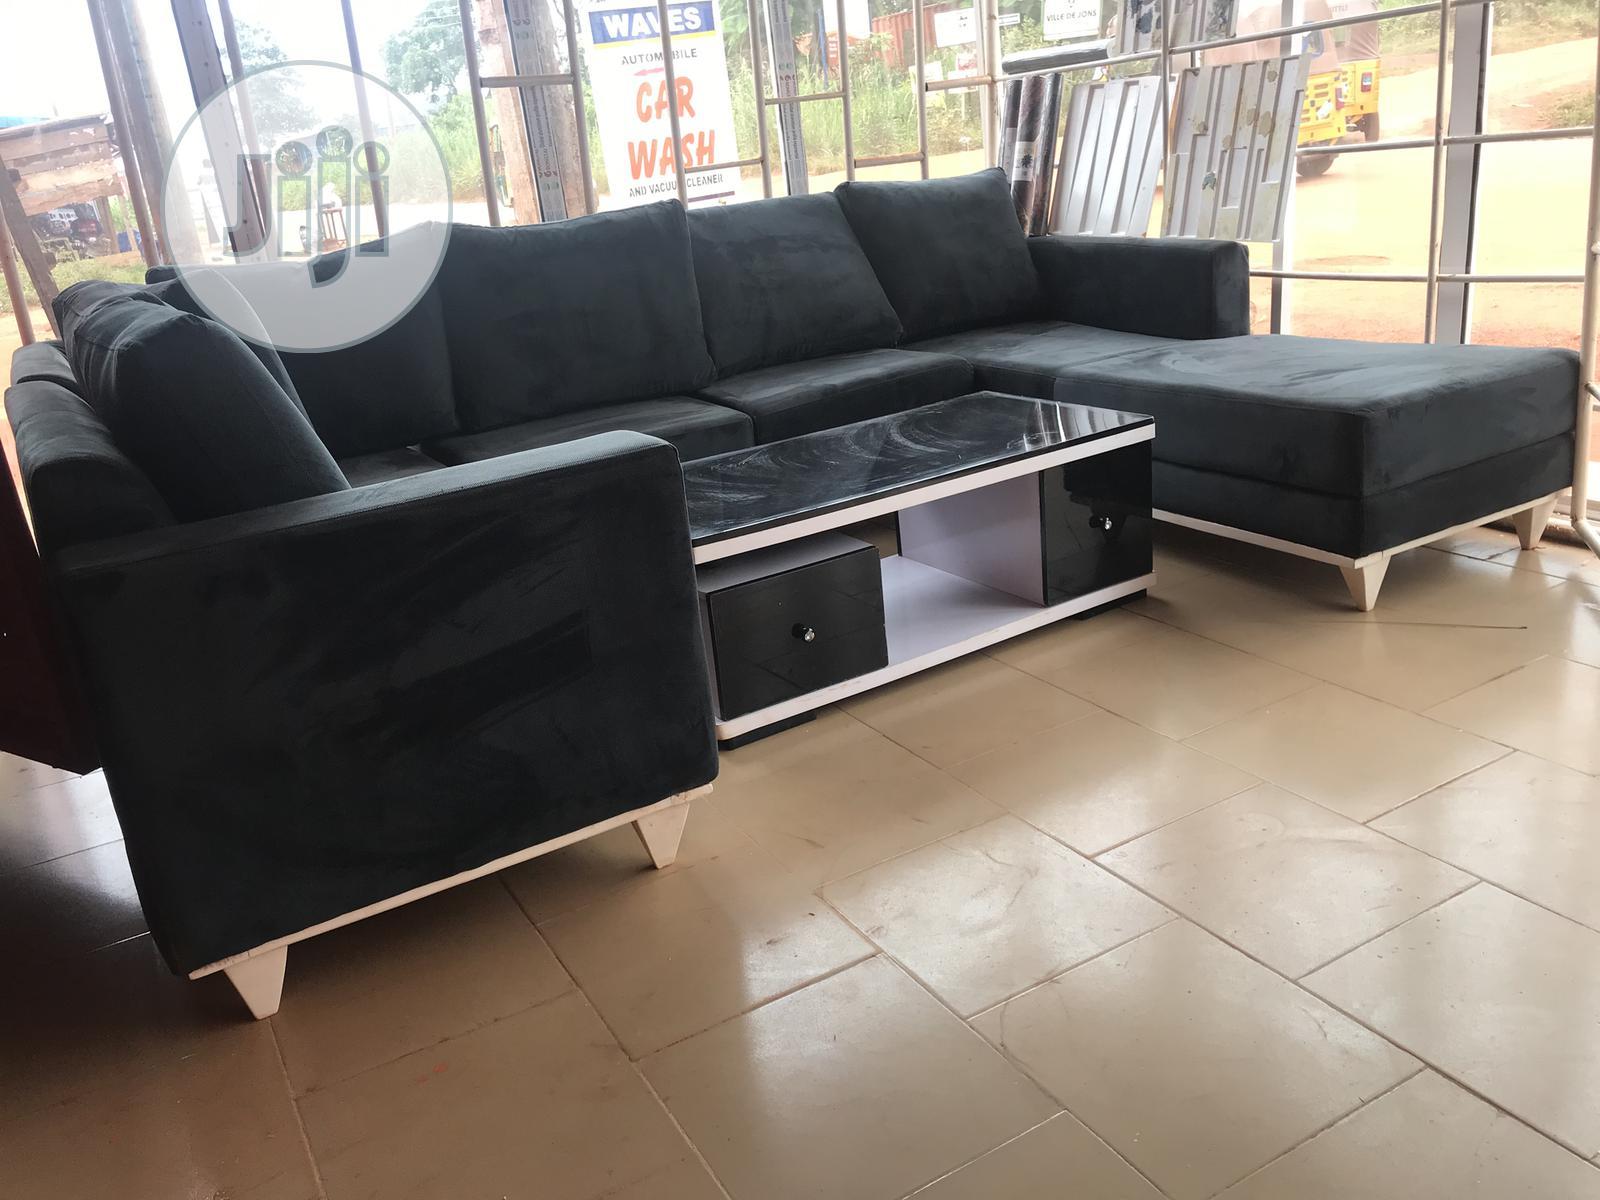 U Shaped Chair And Centre Table | Furniture for sale in Enugu, Enugu State, Nigeria